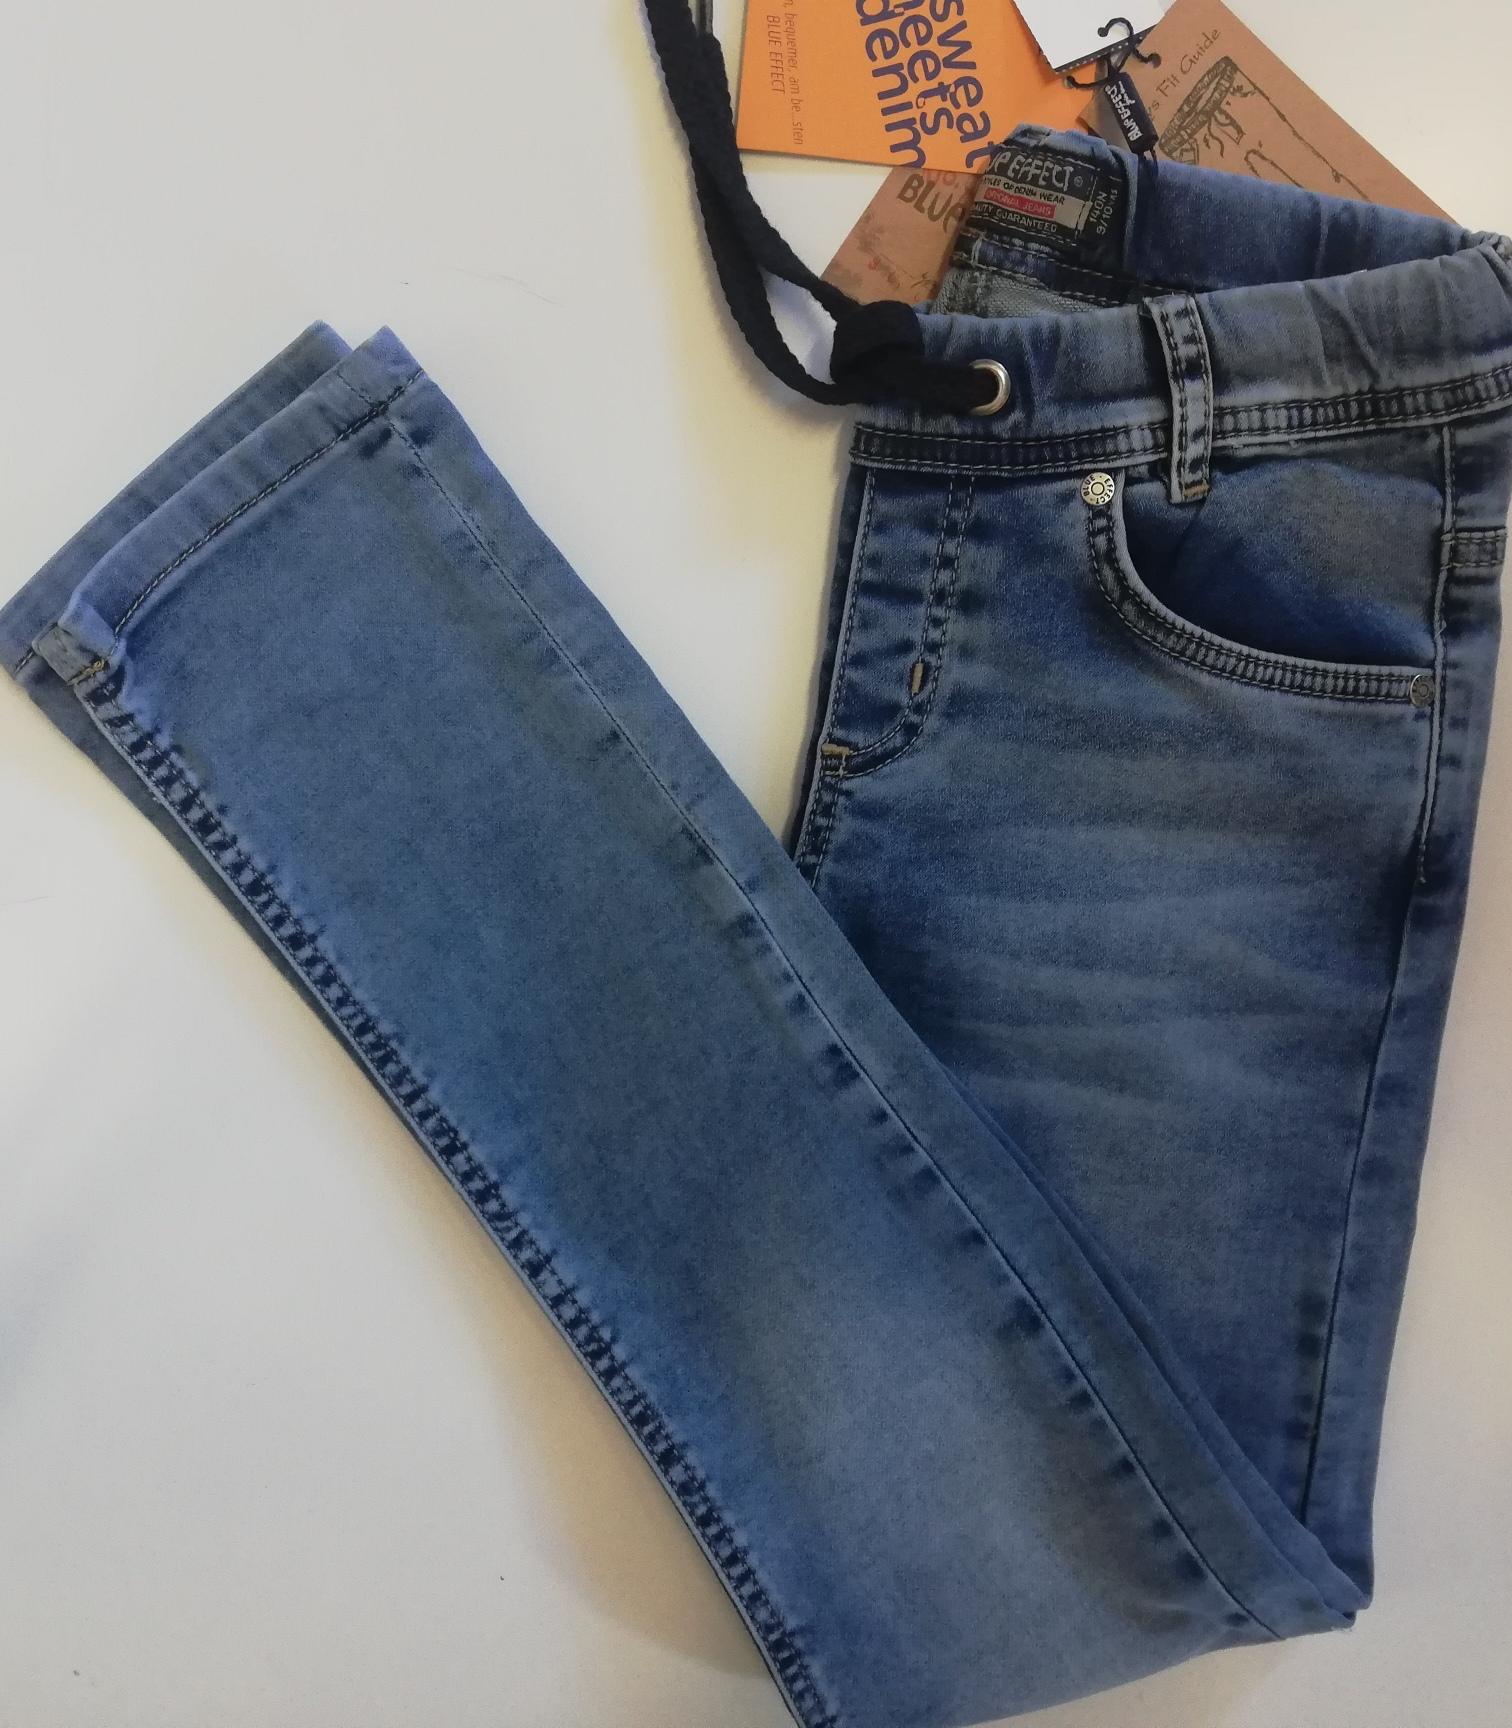 Chlapecké džíny Blue effect vel. 134,140,146 152,158,164